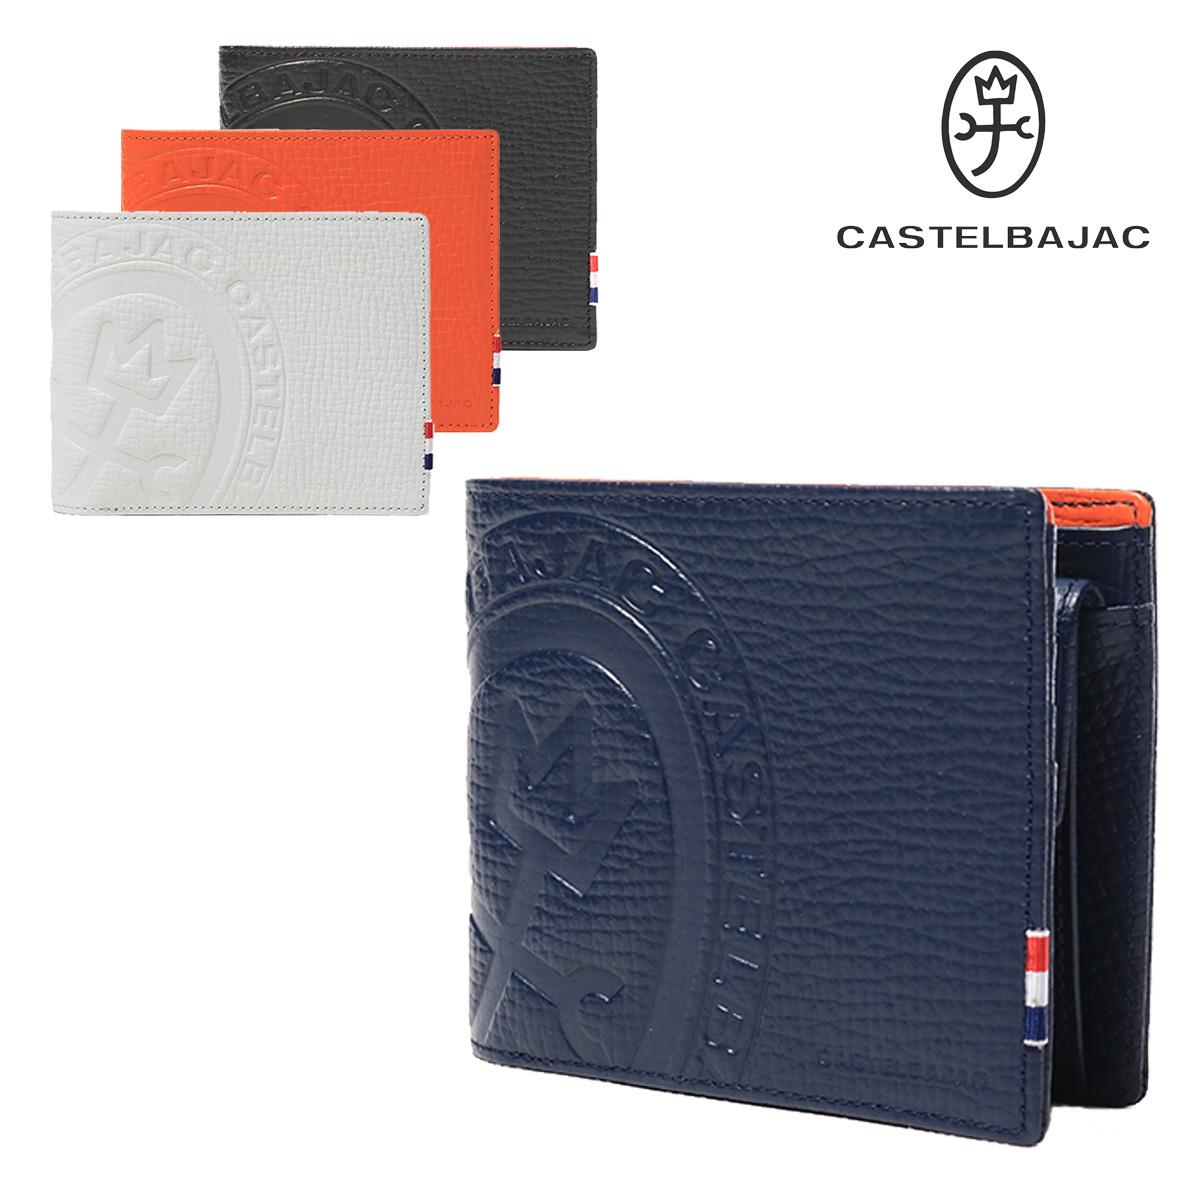 カステルバジャック 二つ折り財布 メンズ ピッコロ 022614 CASTELBAJAC 本革 レザー[bef][PO10]